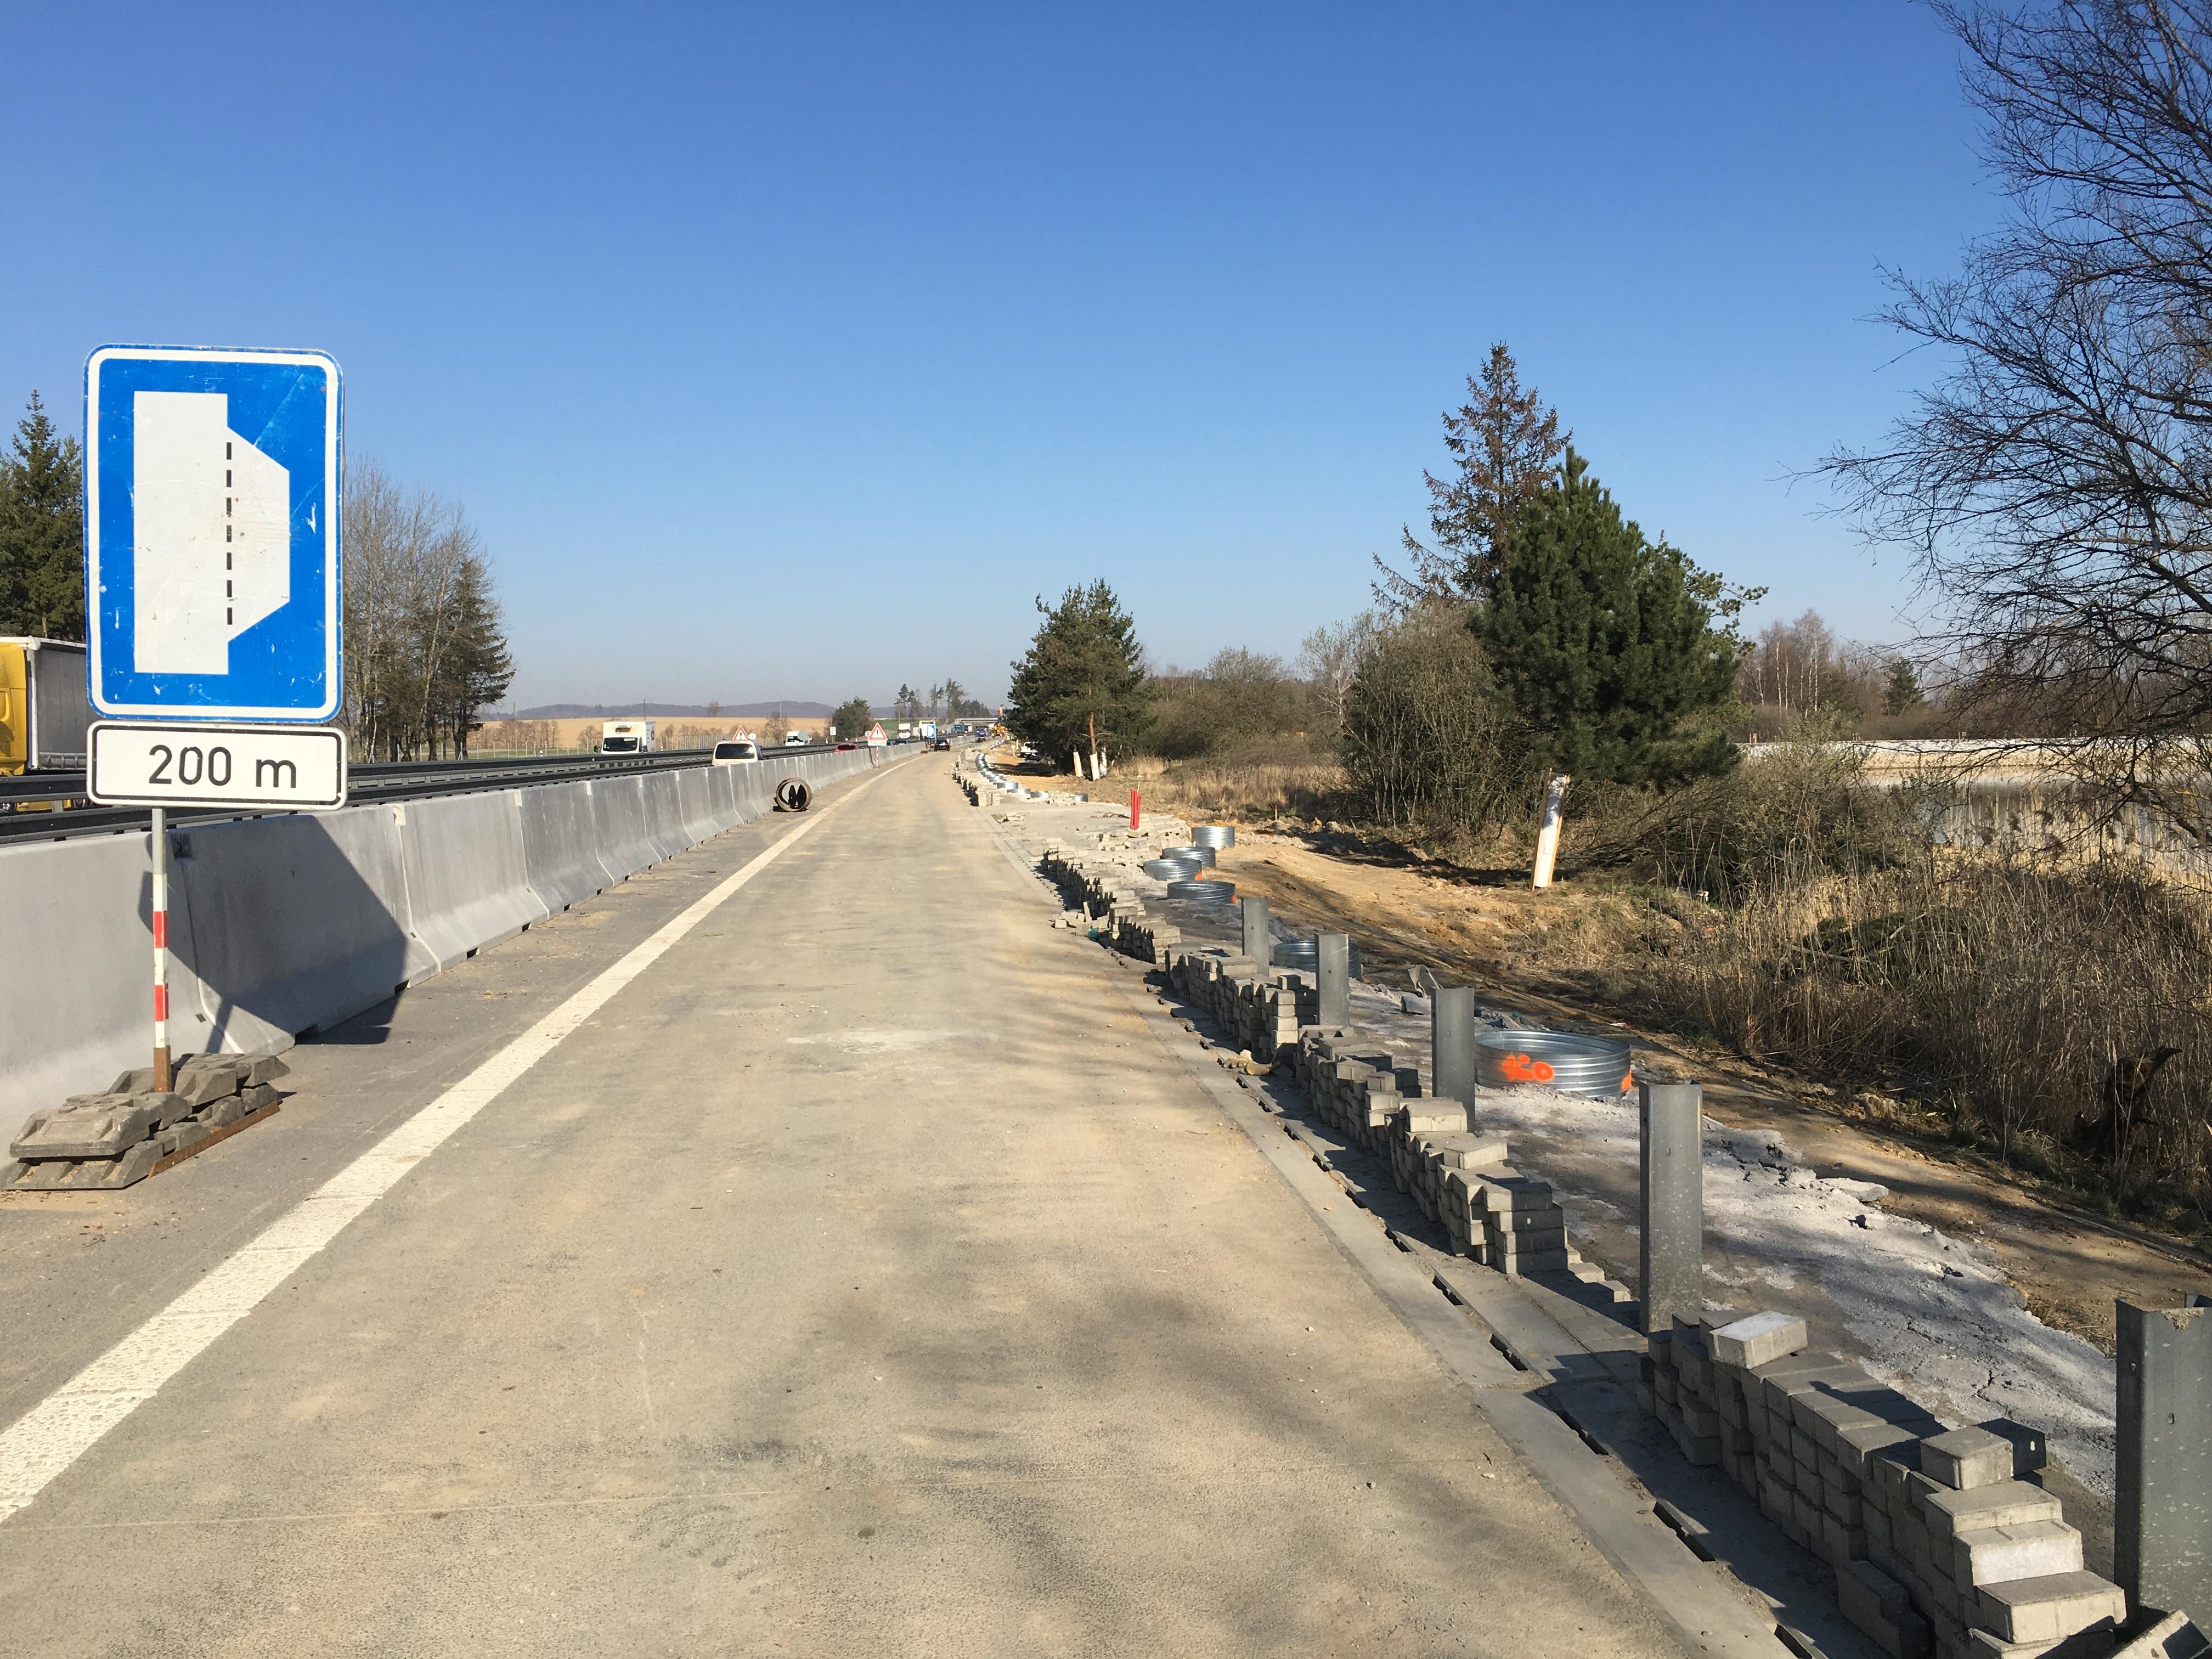 D1 Modernizace – úsek 15, exit 112 Jihlava – exit 119Velký Beranov, PHS Měšín vlevo km 115,900 – 117,000